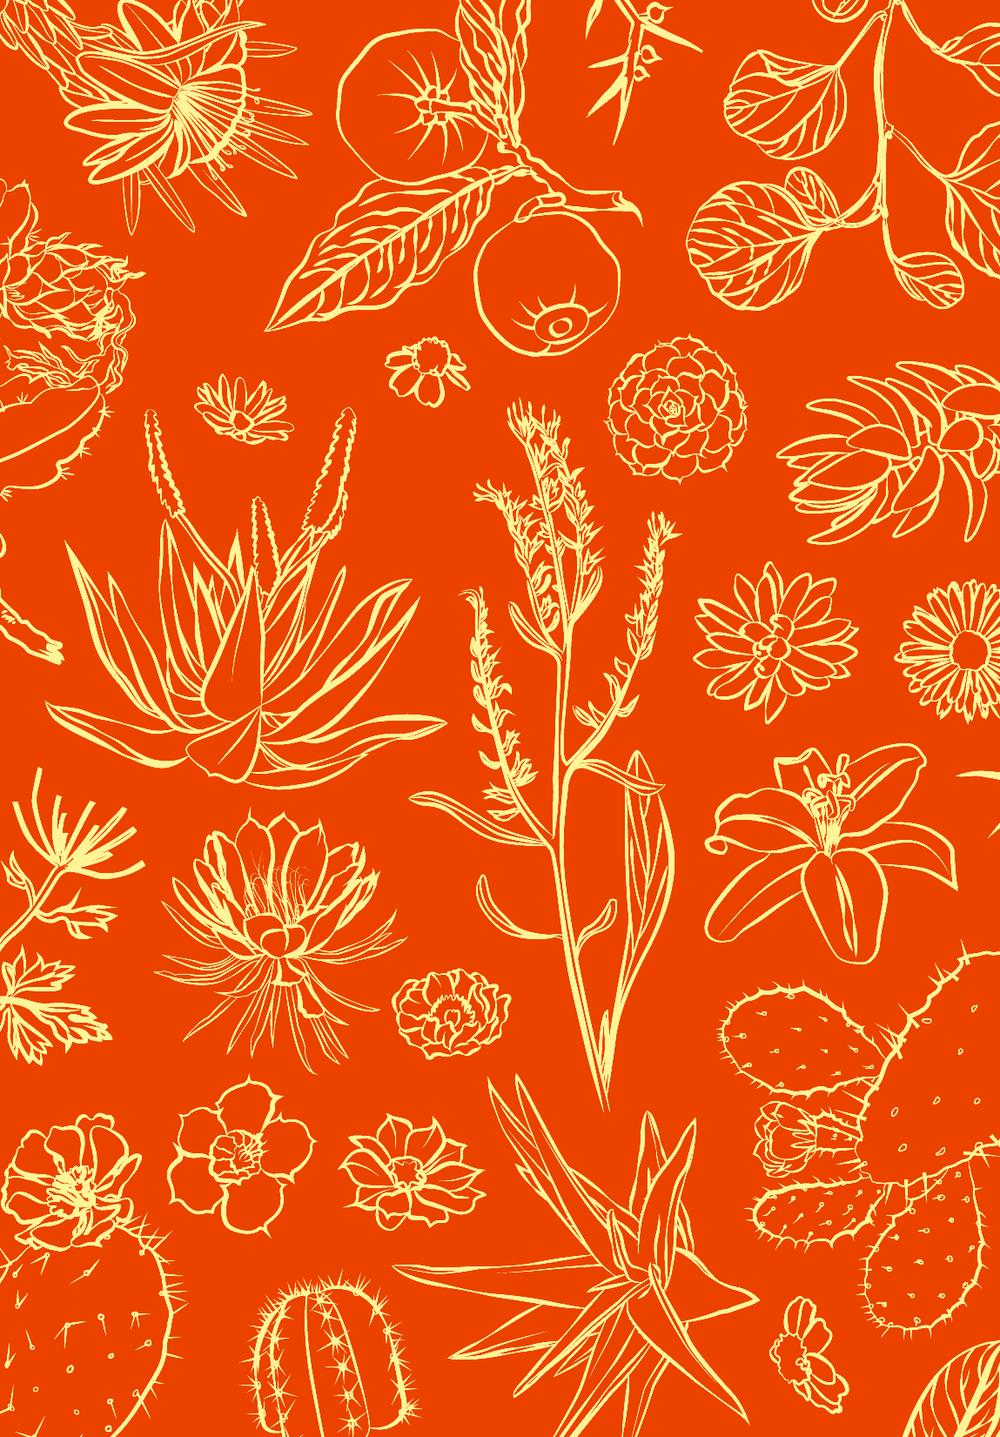 Goodspeed_Illustration_Floral-Pattern.png